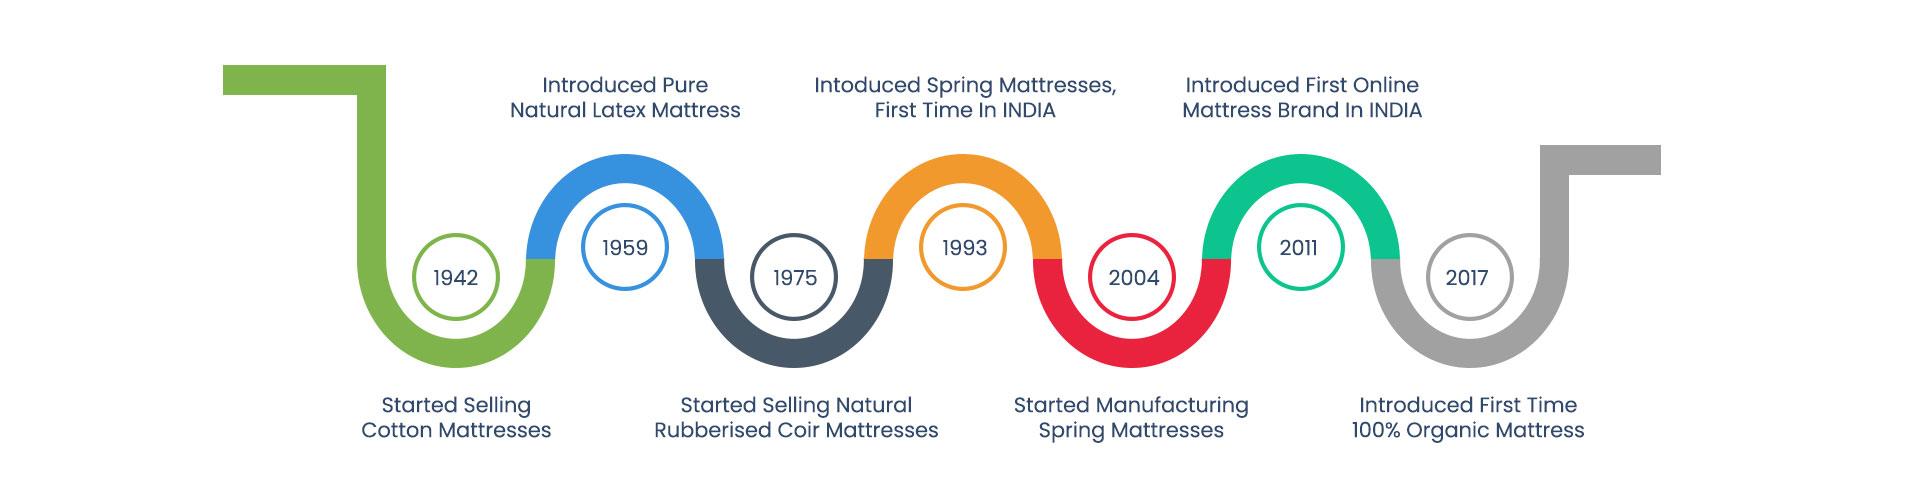 Boston Mattress Indias 1st Online Mattress Brand